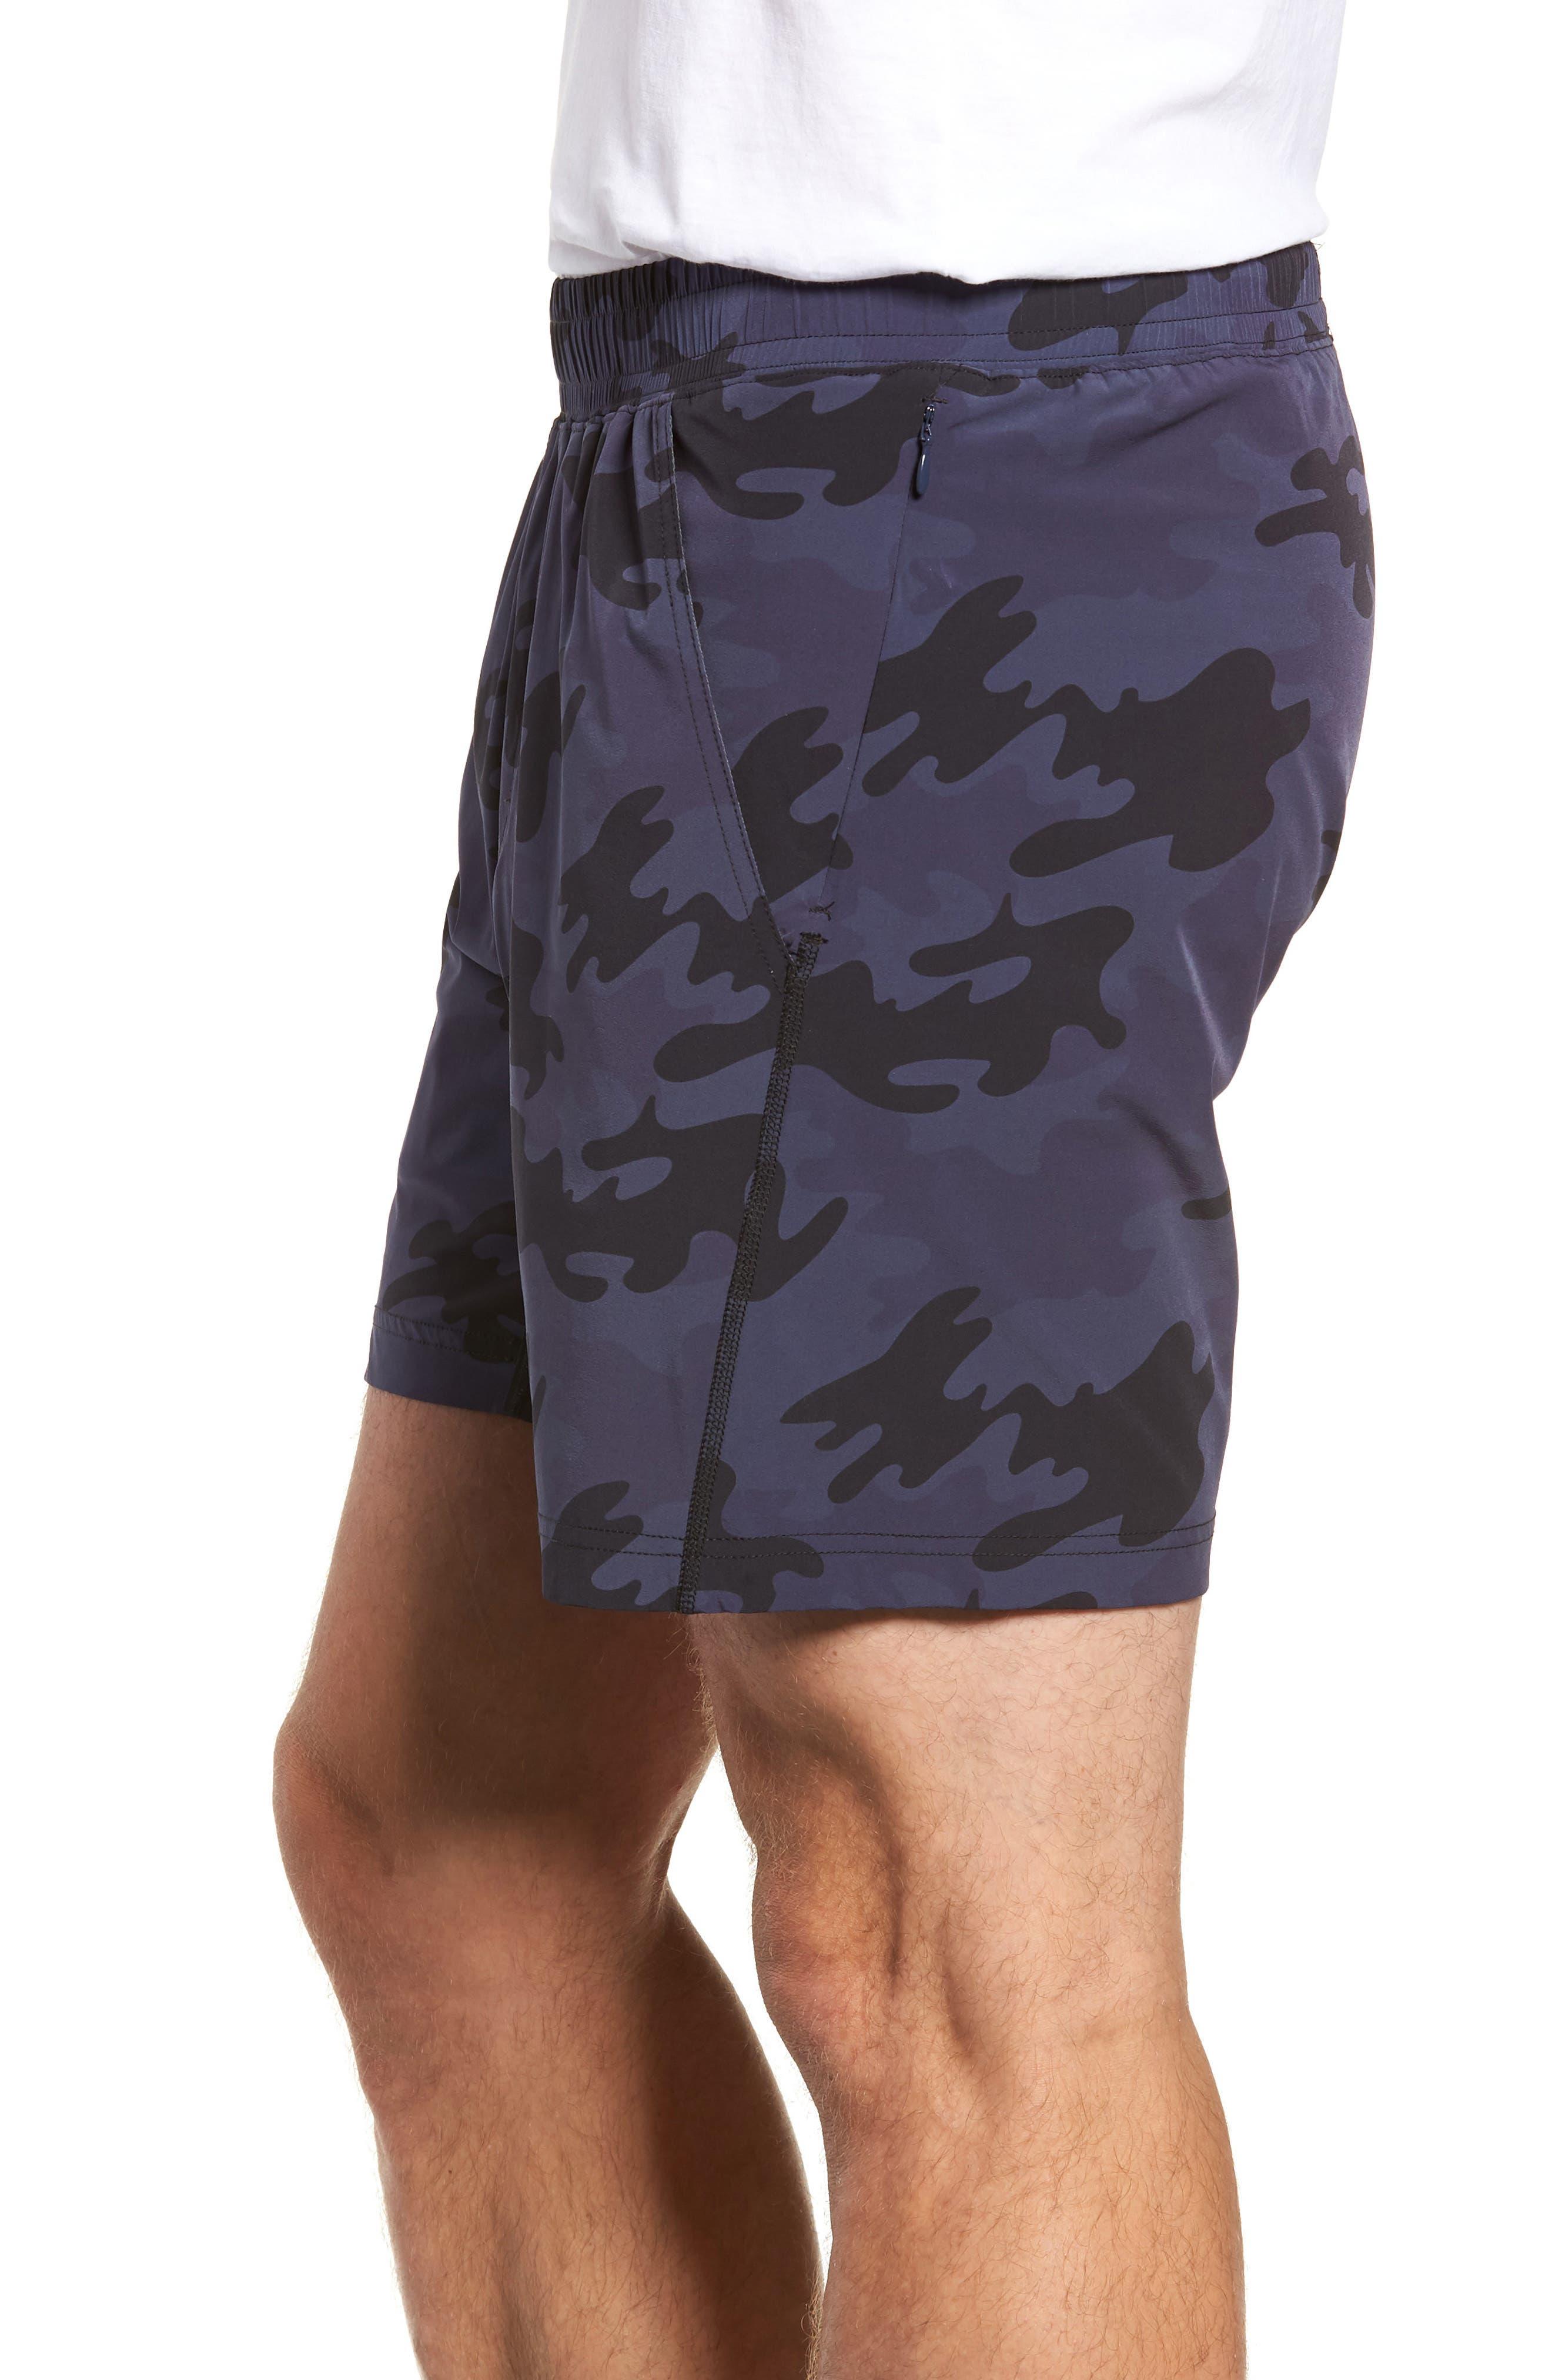 Mako Training Shorts,                             Alternate thumbnail 4, color,                             NAVY CAMO